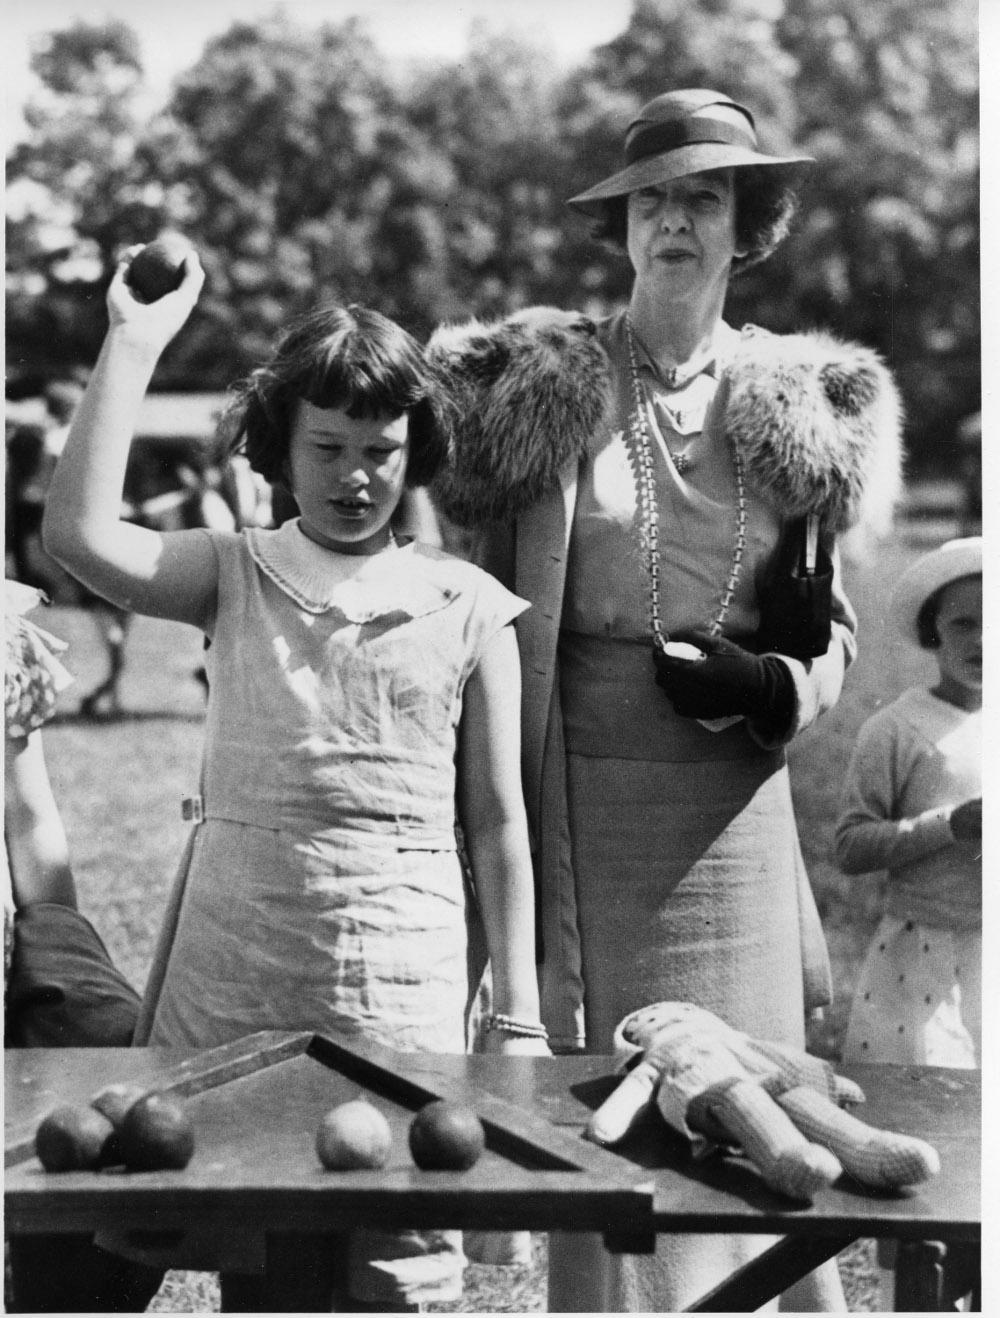 Η Γκλόρια Βάντερμπιλτ με την θεία της Γερτρούδη που πήρε τελικά μετά από δικαστική διαμάχη την επιμέλειά της